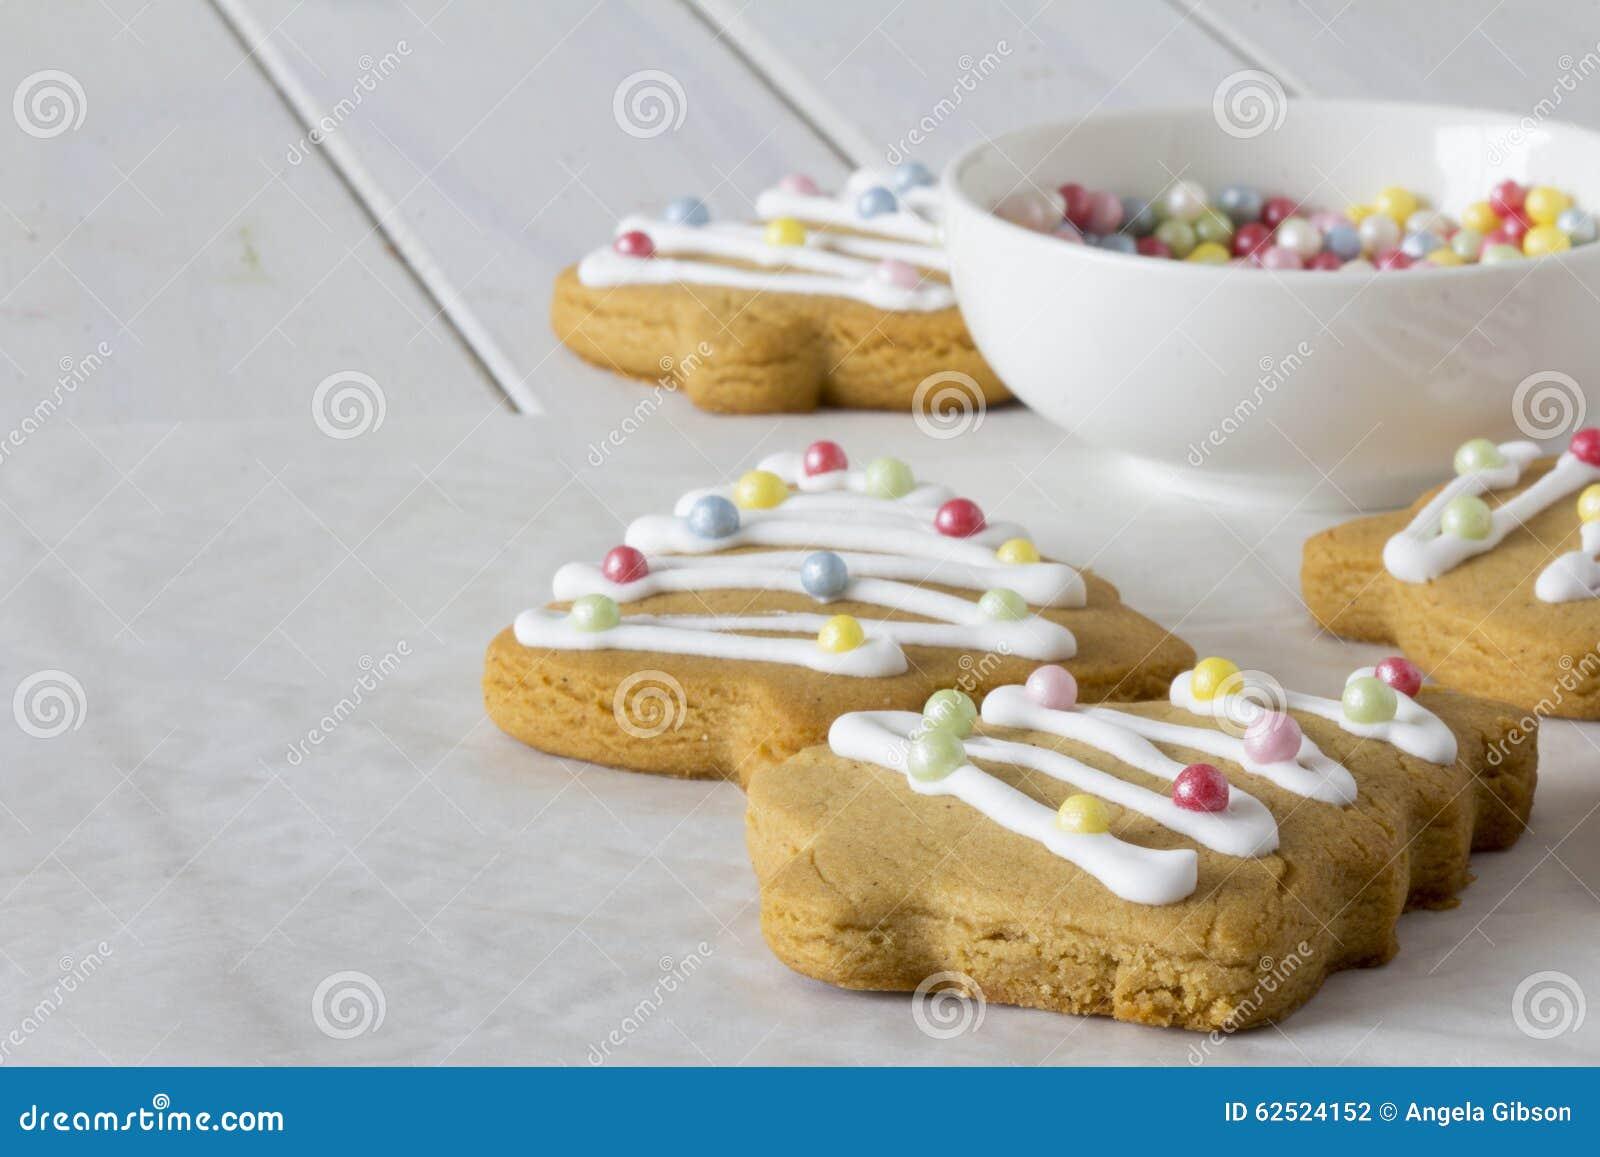 Biscotti Decorati Per Albero Di Natale.Biscotti Decorati Dell Albero Di Natale Fotografia Stock Immagine